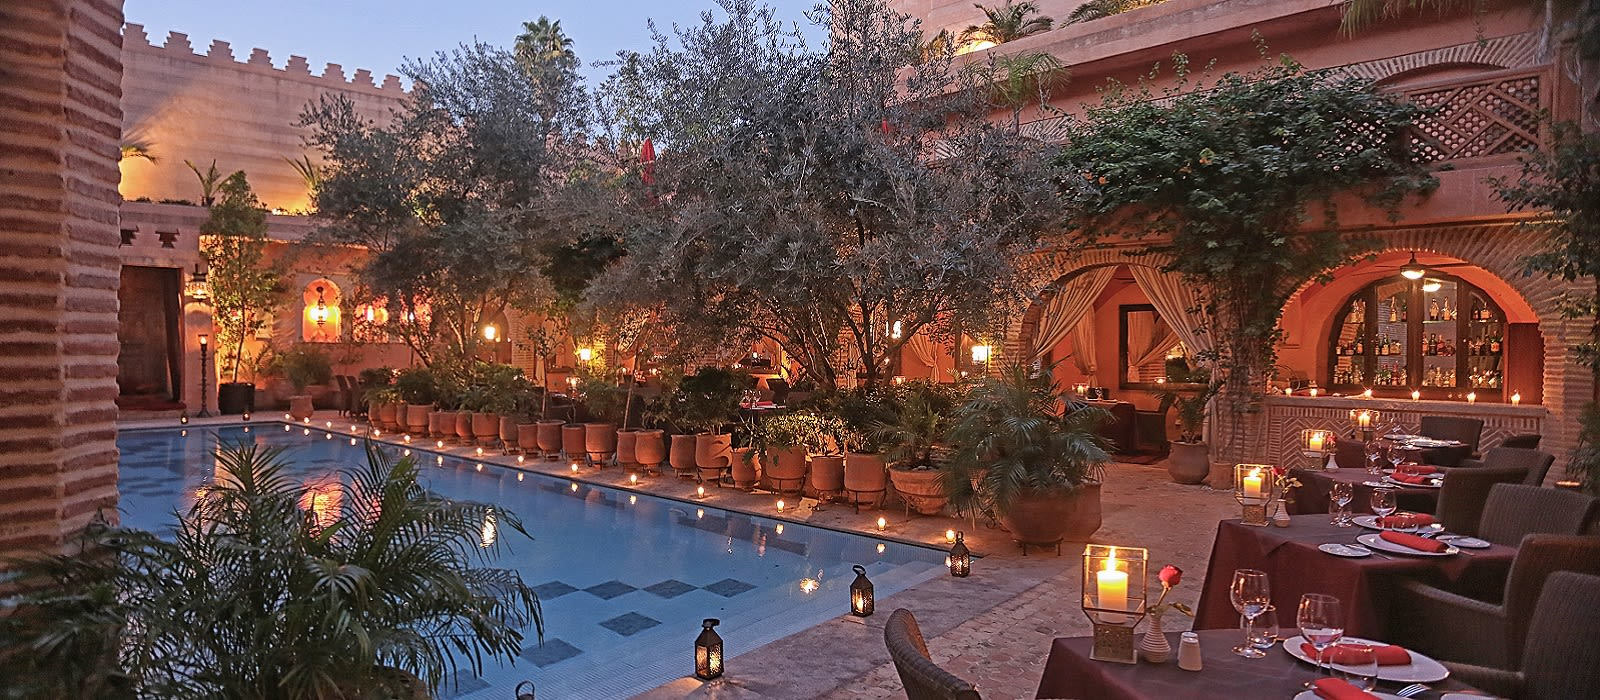 Hotel La Maison Arabe Morocco